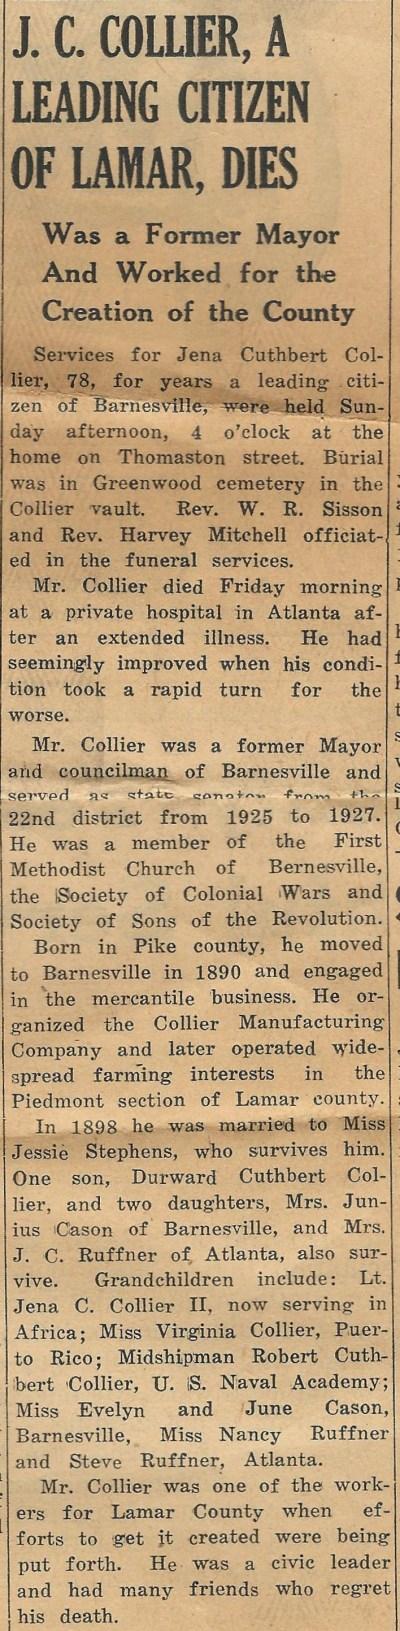 JC Collier obit 1